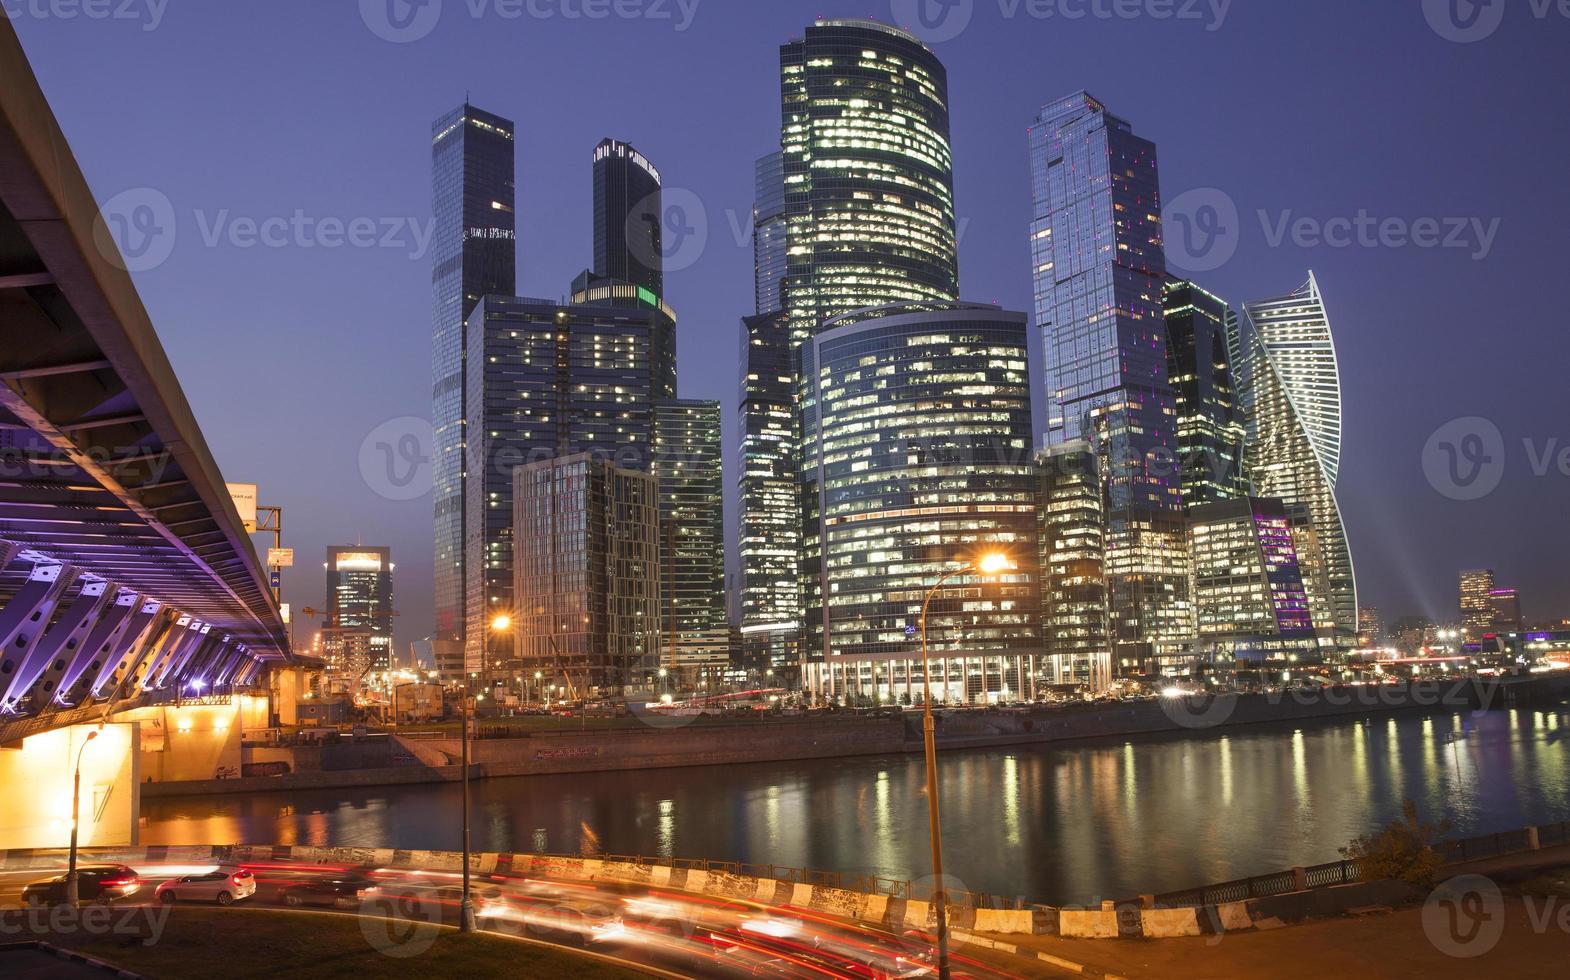 mosca città - mosca centro d'affari internazionale di notte, rus foto